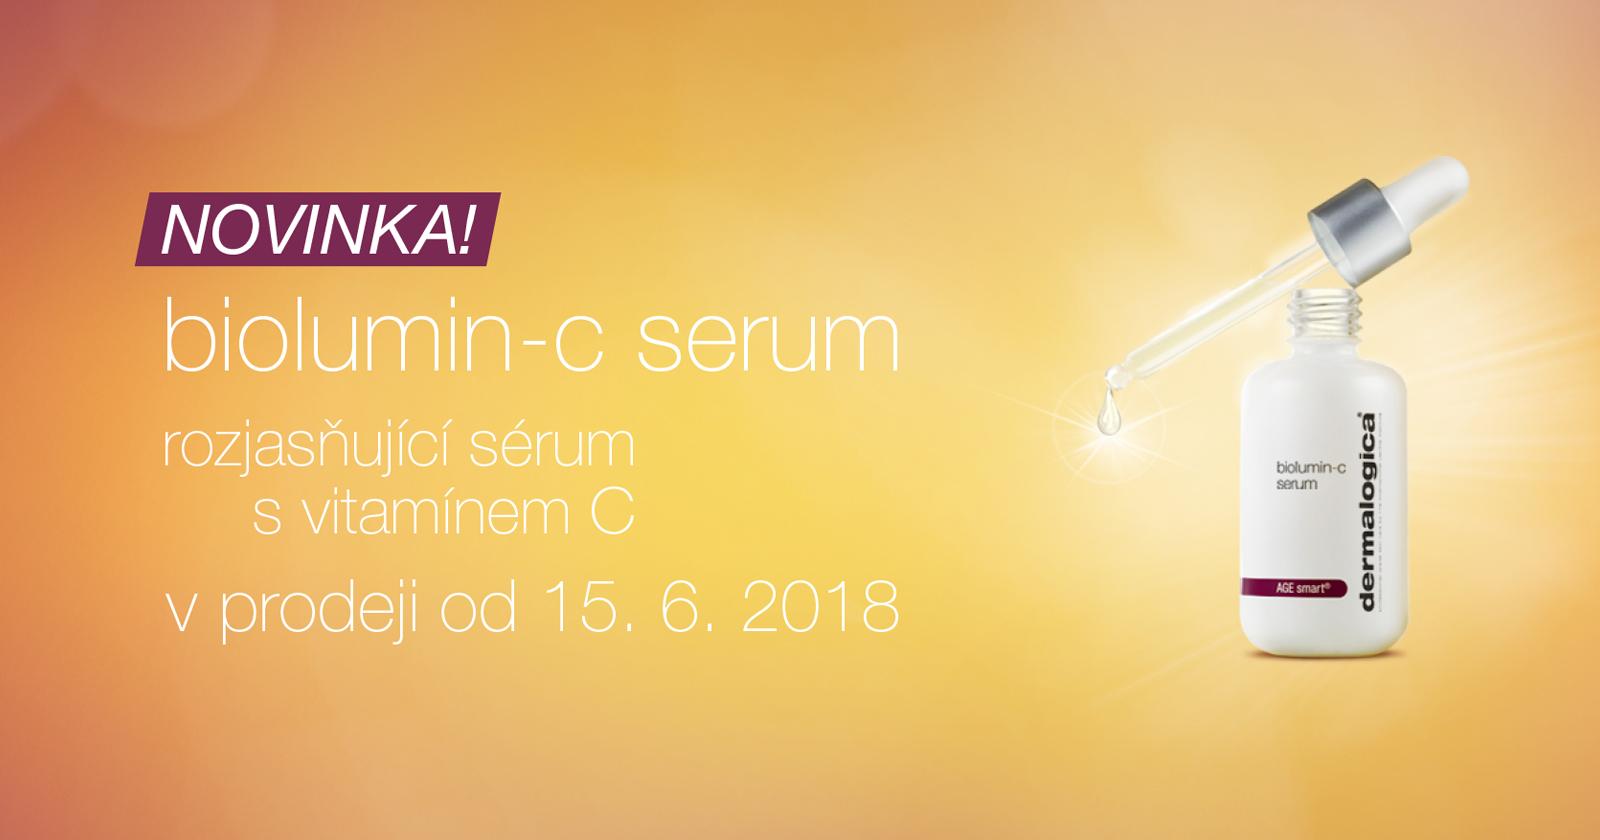 novinka Biolumin-C